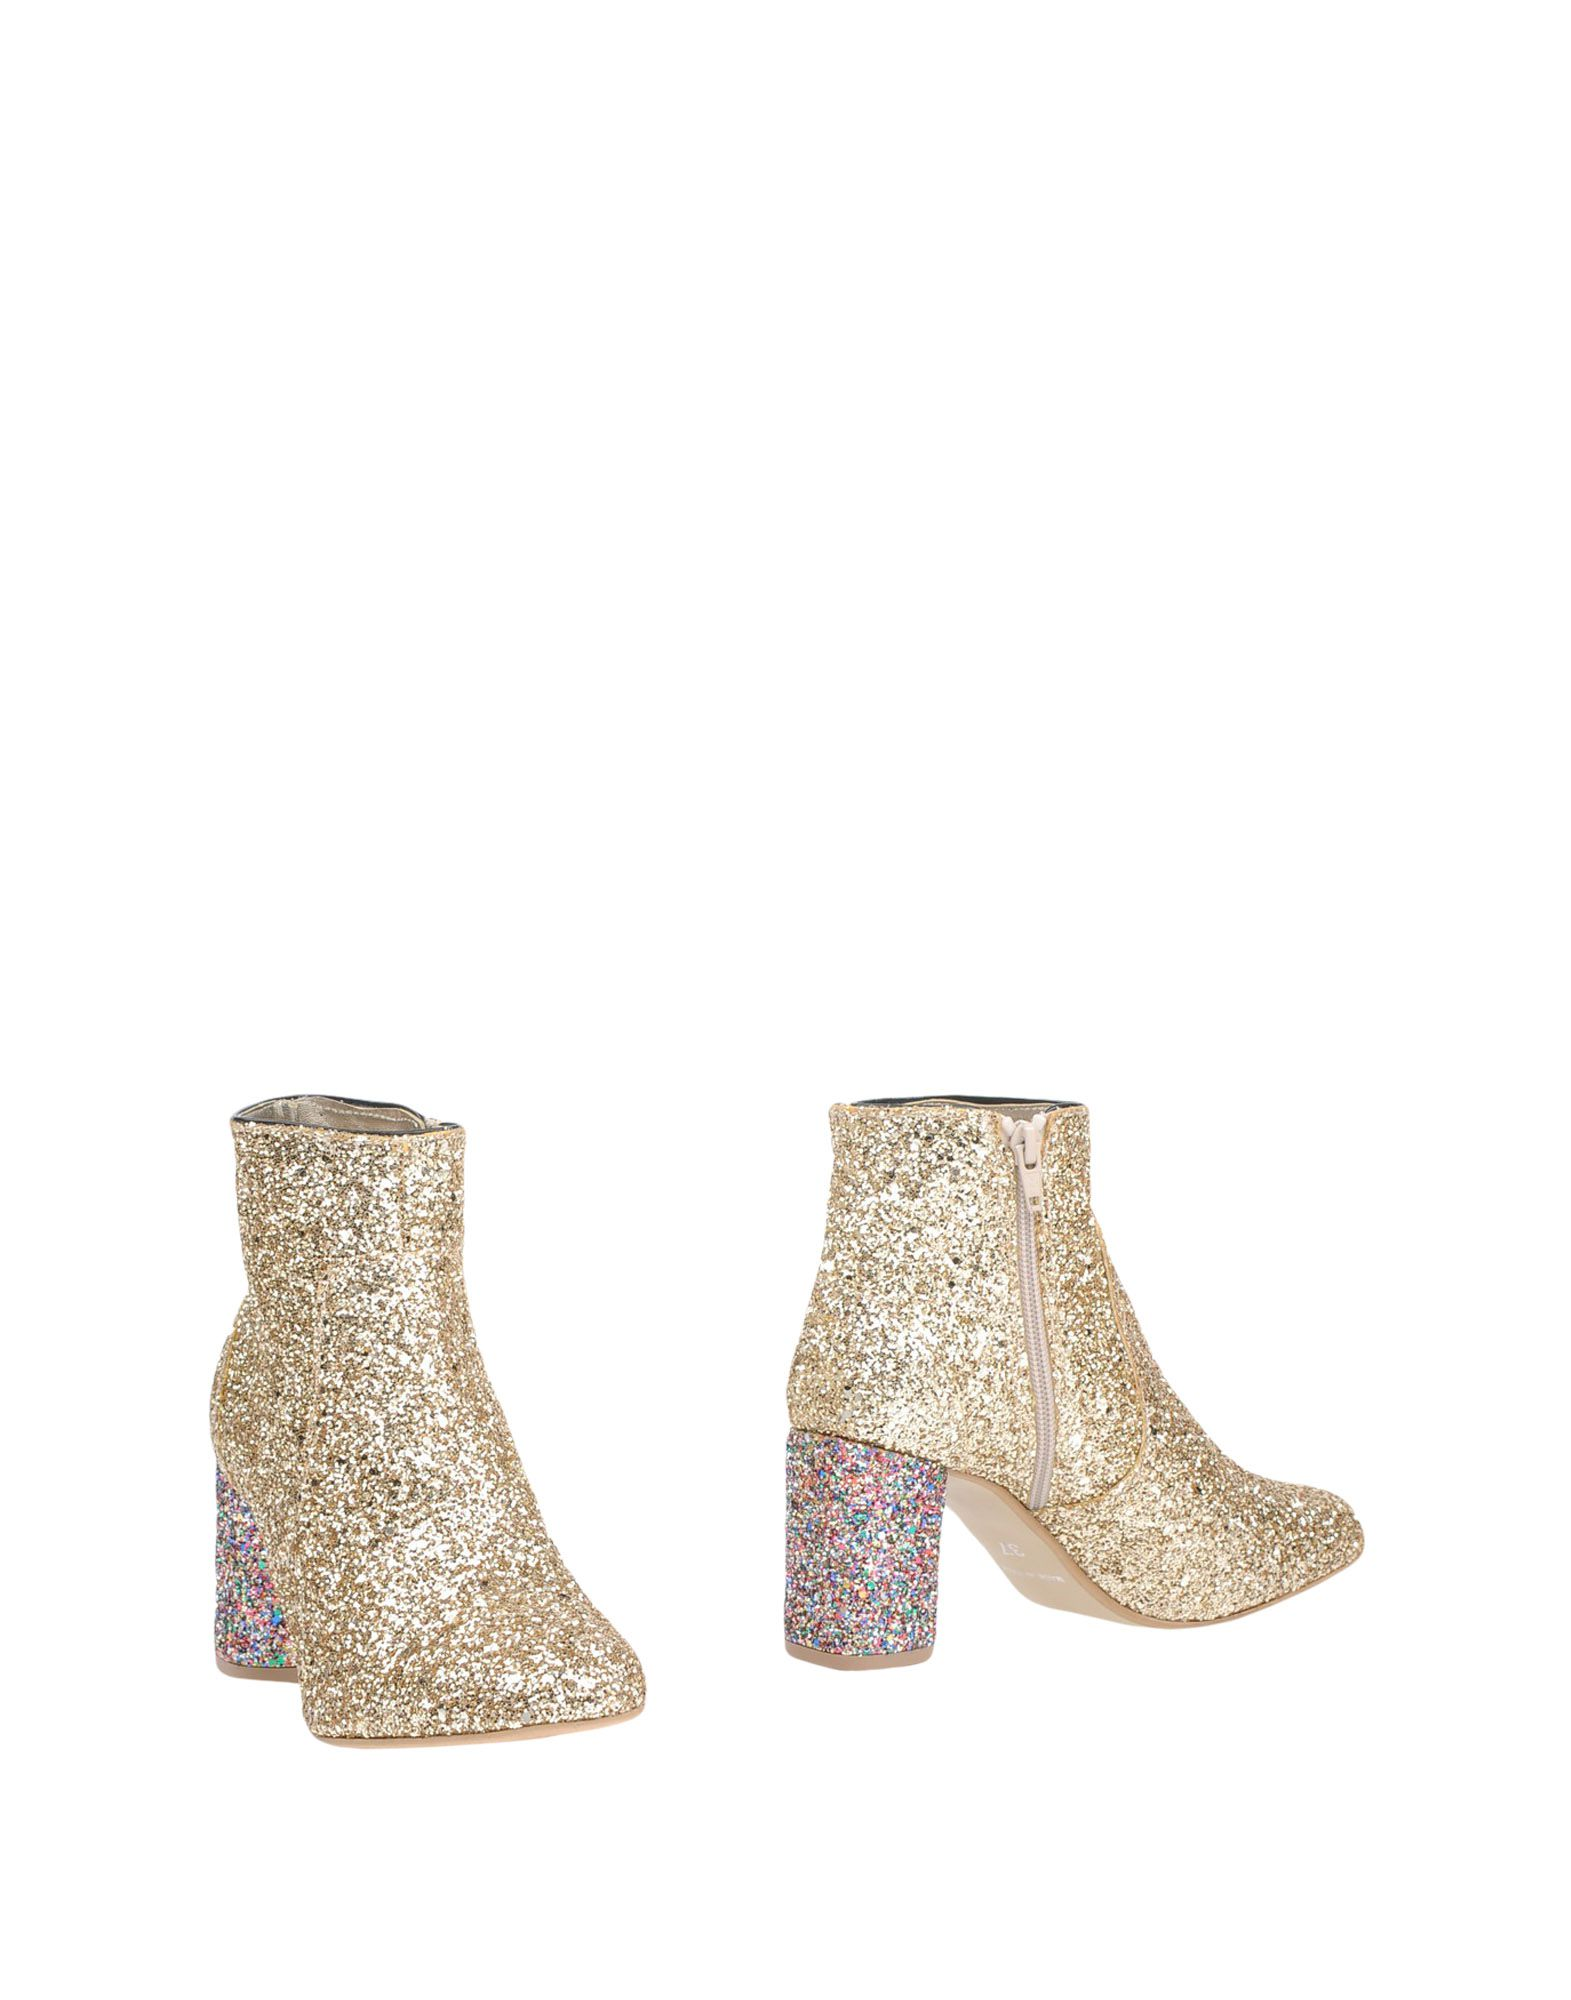 Divine Follie Stiefelette Damen  11332296DL Gute Qualität beliebte Schuhe